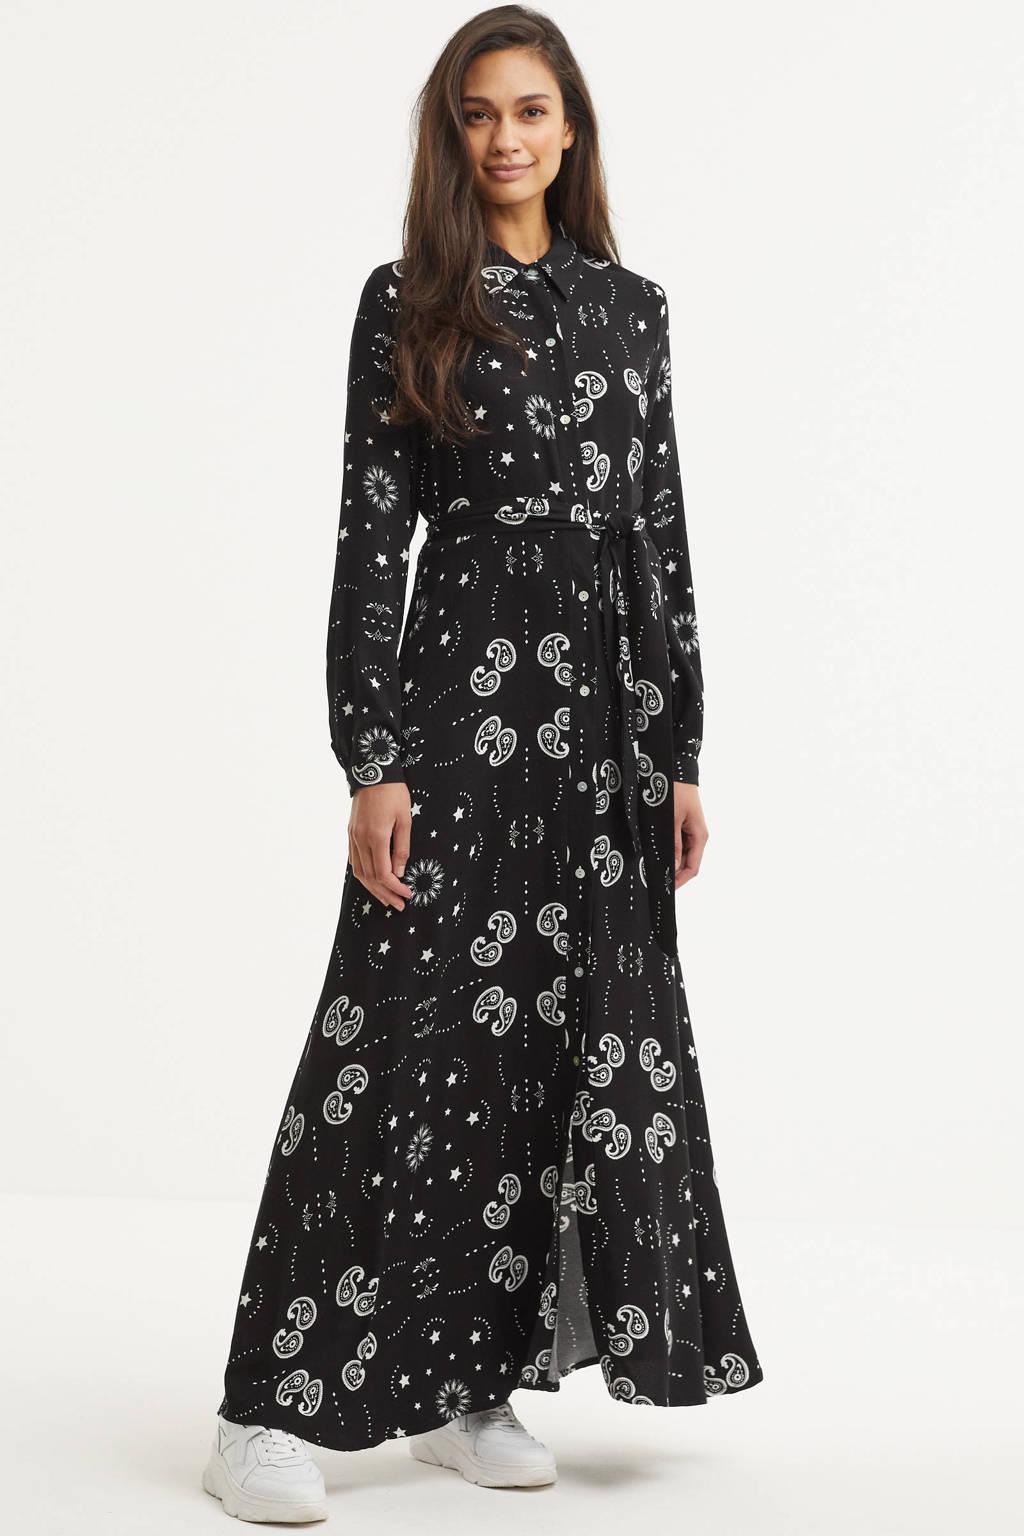 Est'seven maxi jurk zwart, Zwart